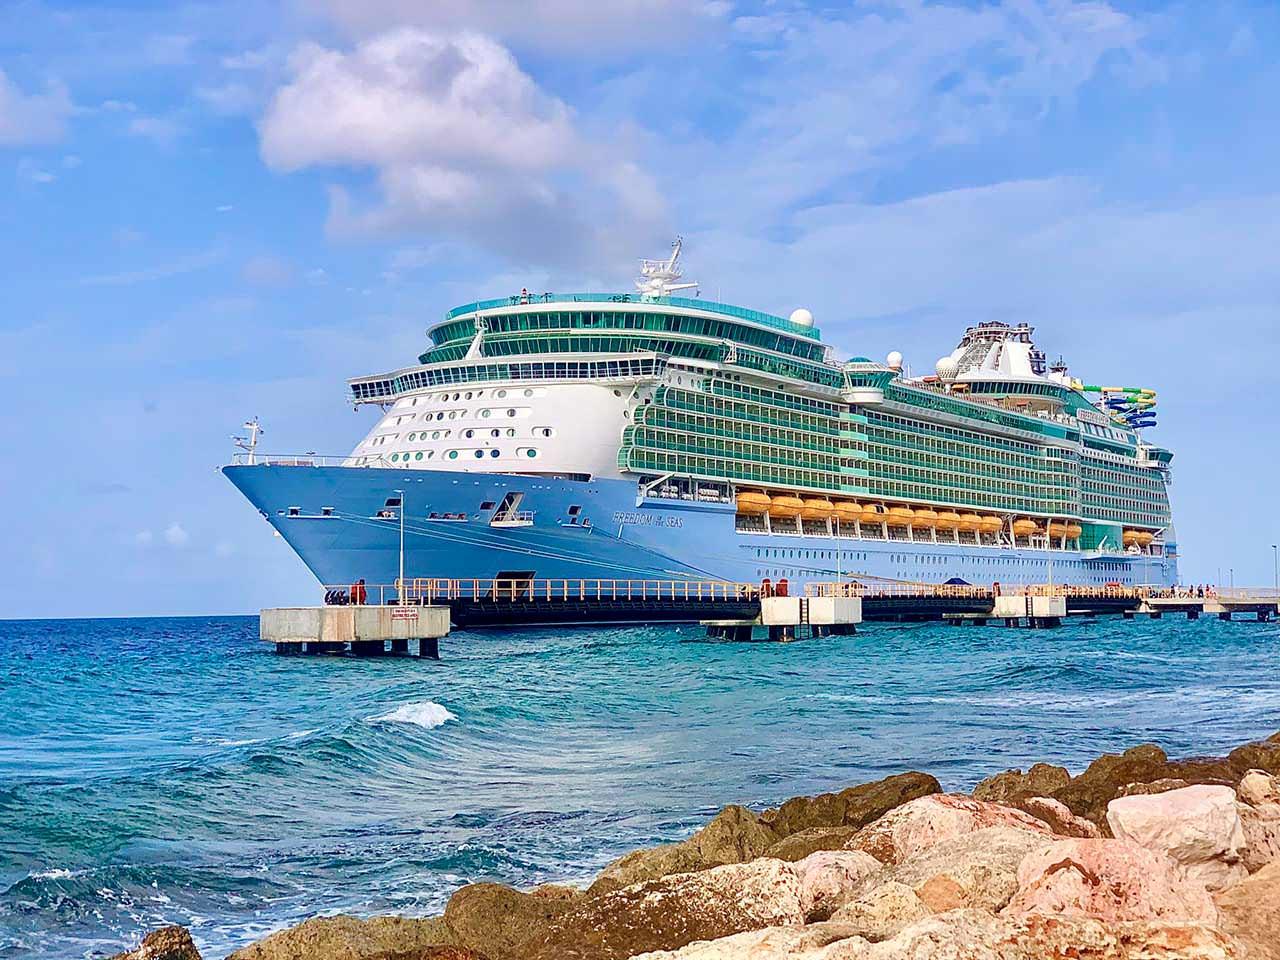 Океанский круизный корабль Freedom Of The Seas